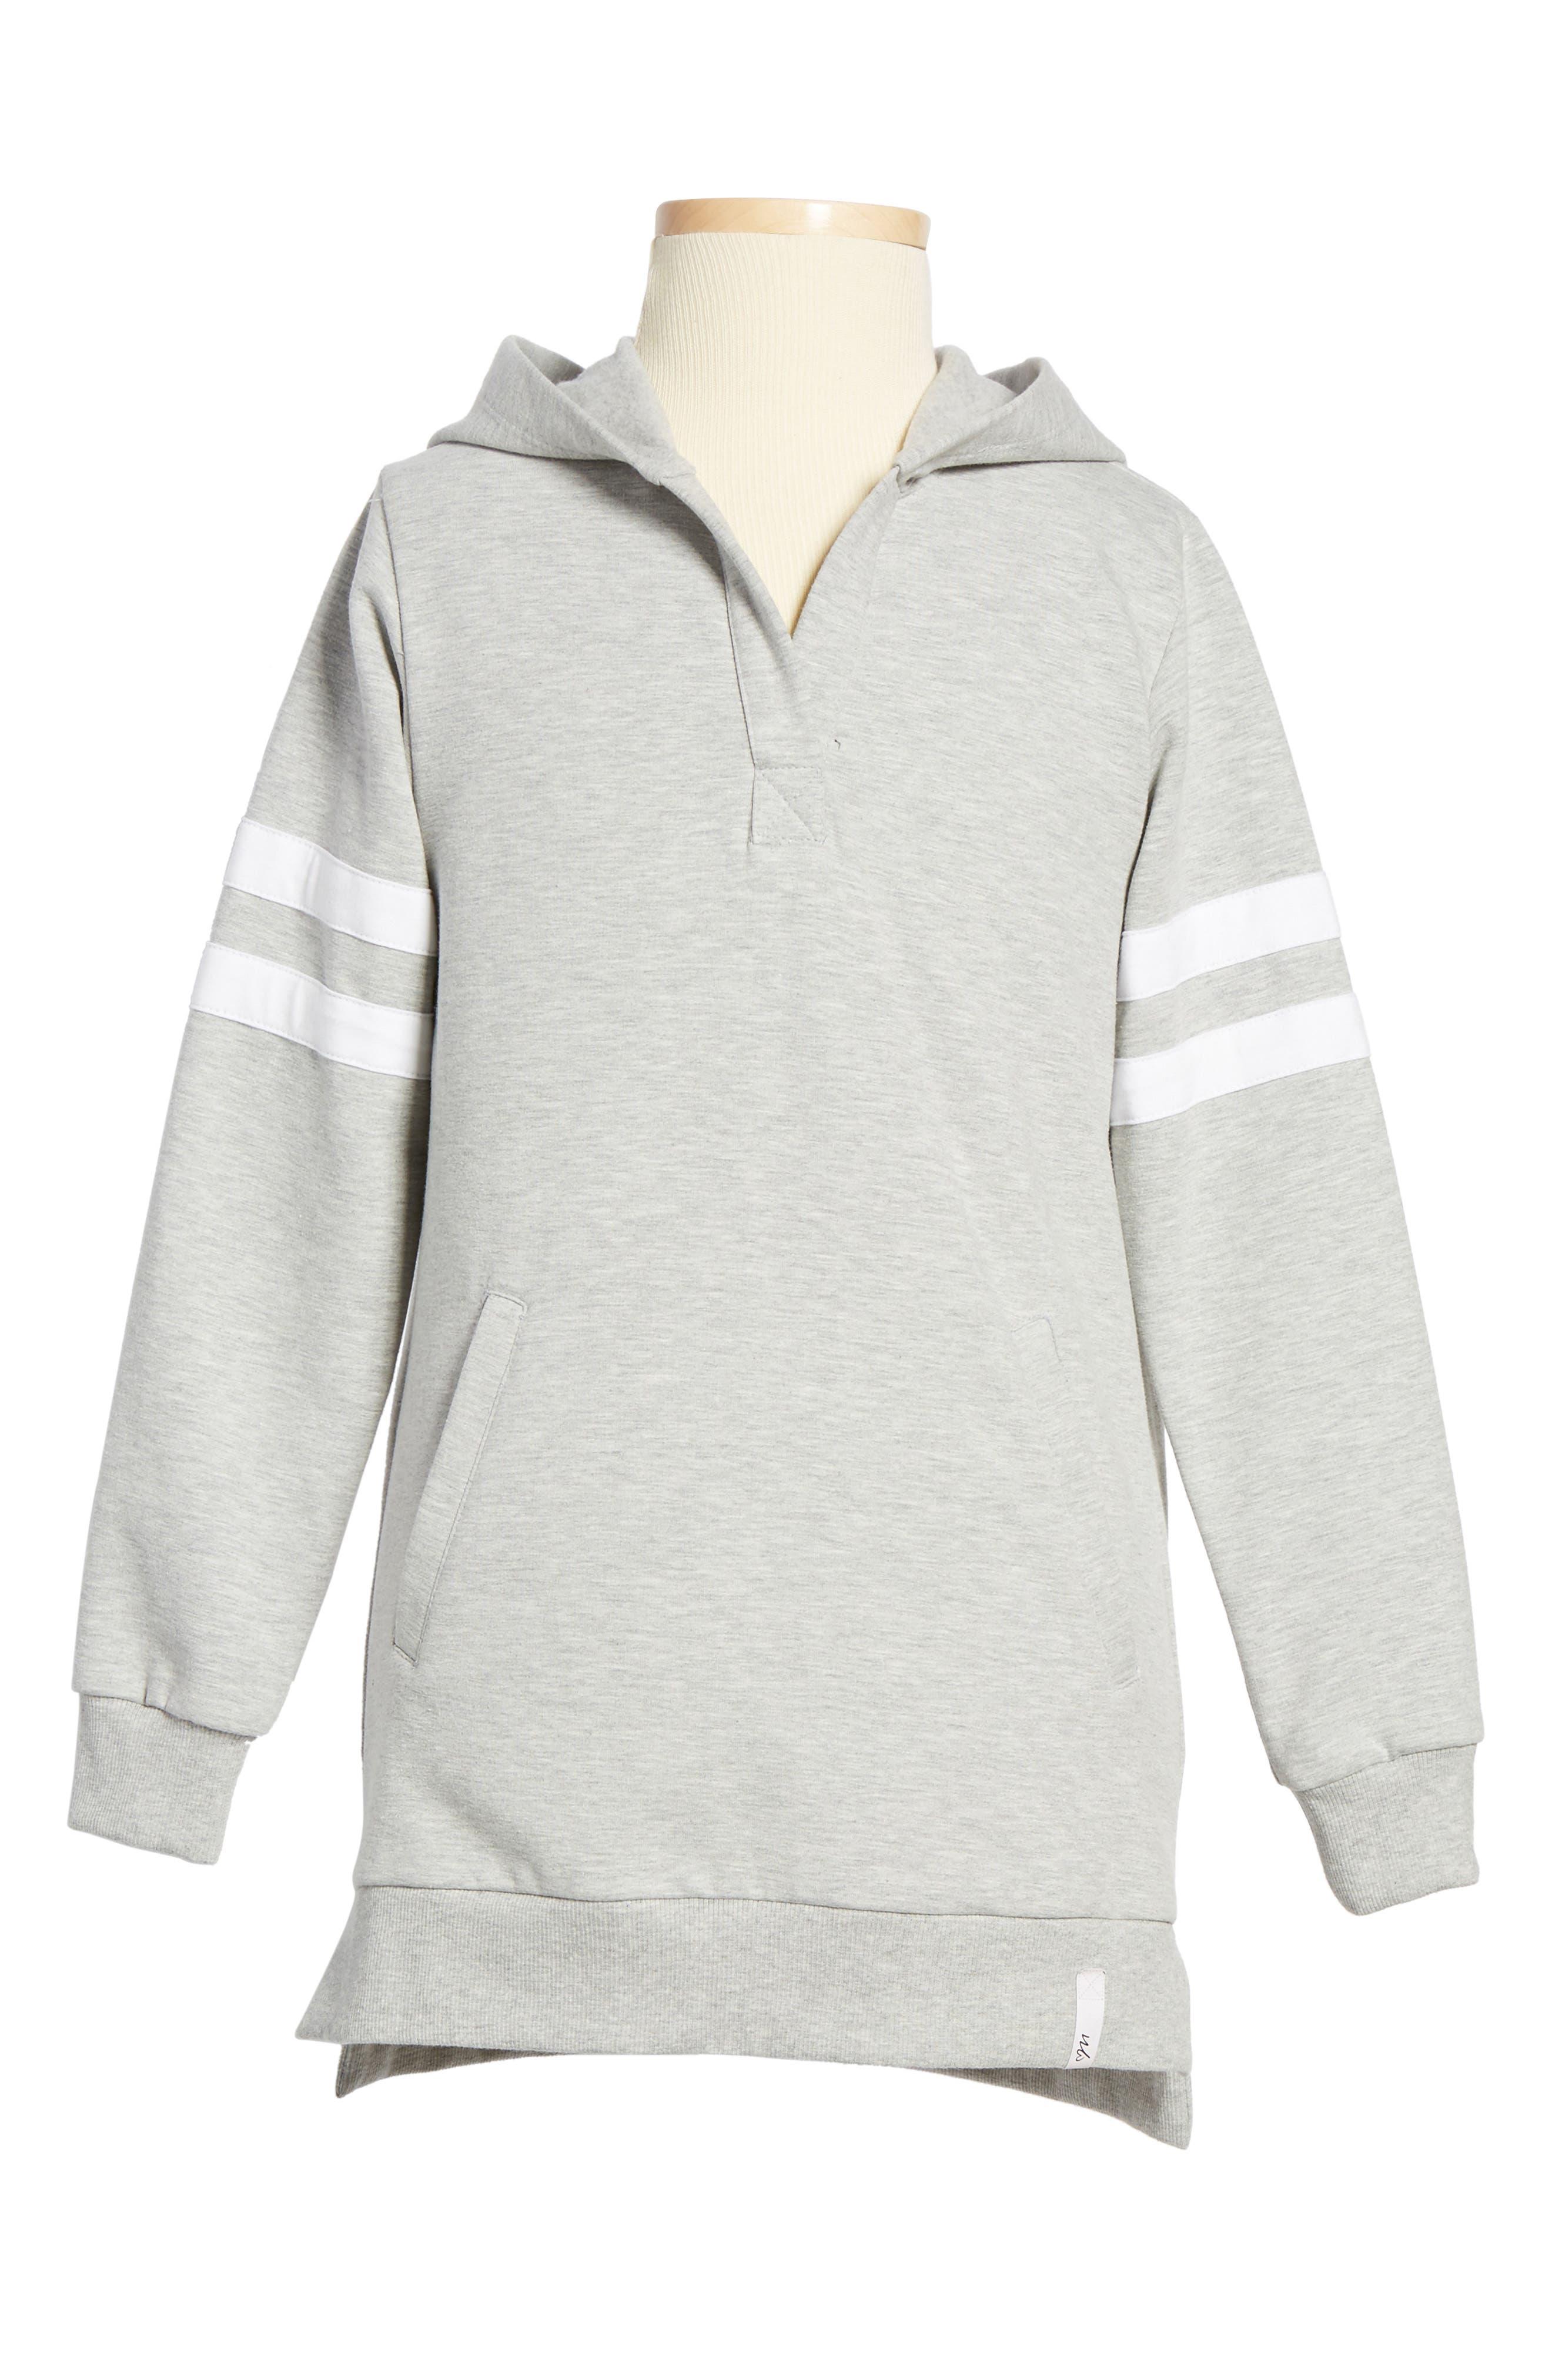 Sneaker Hoodie Dress,                         Main,                         color, Grey